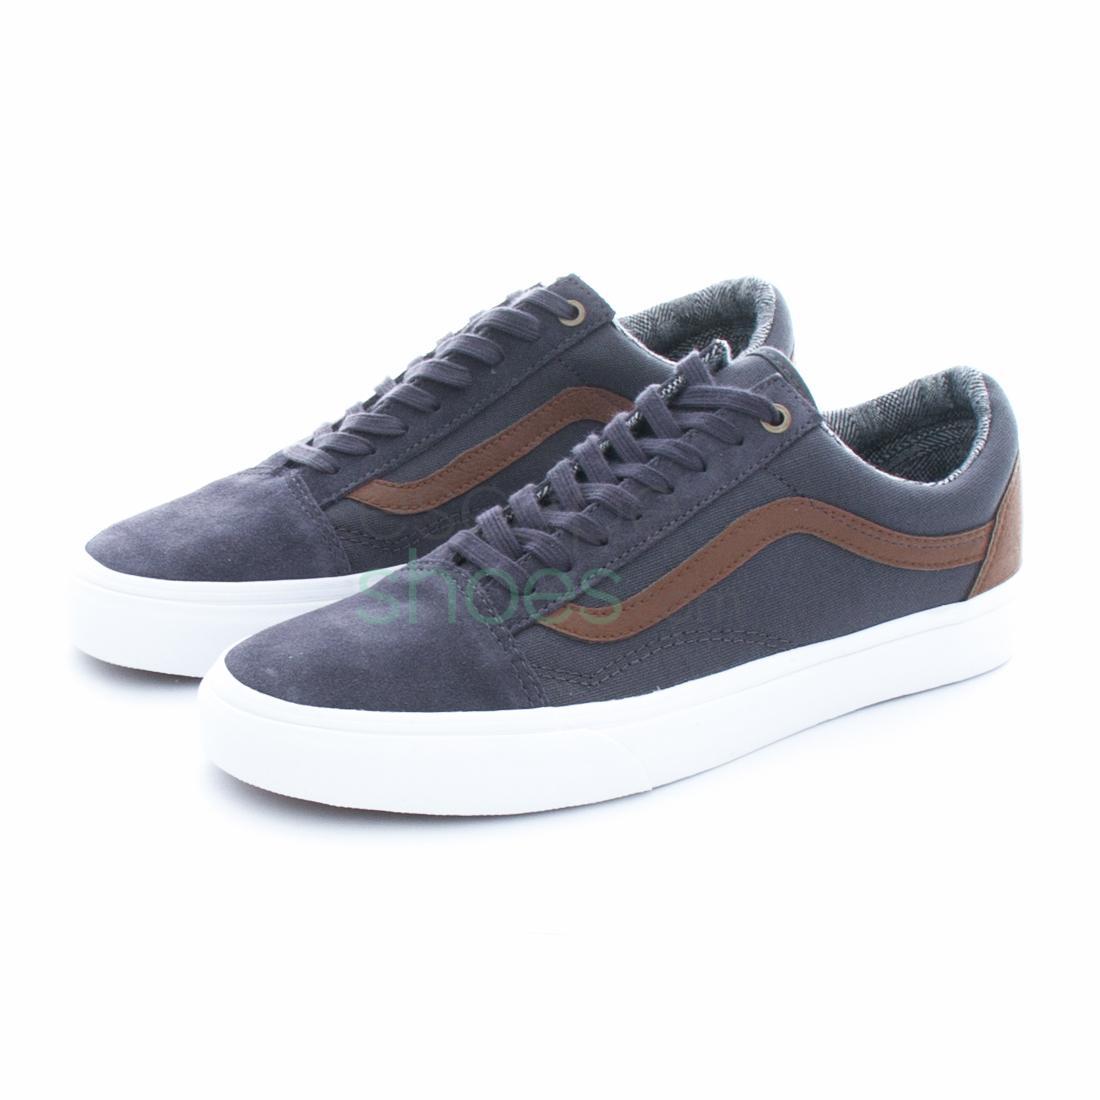 6f8ecc72678e7 Buy your Sneakers VANS Old Skool Periscope True White V004OJJOJ here ...